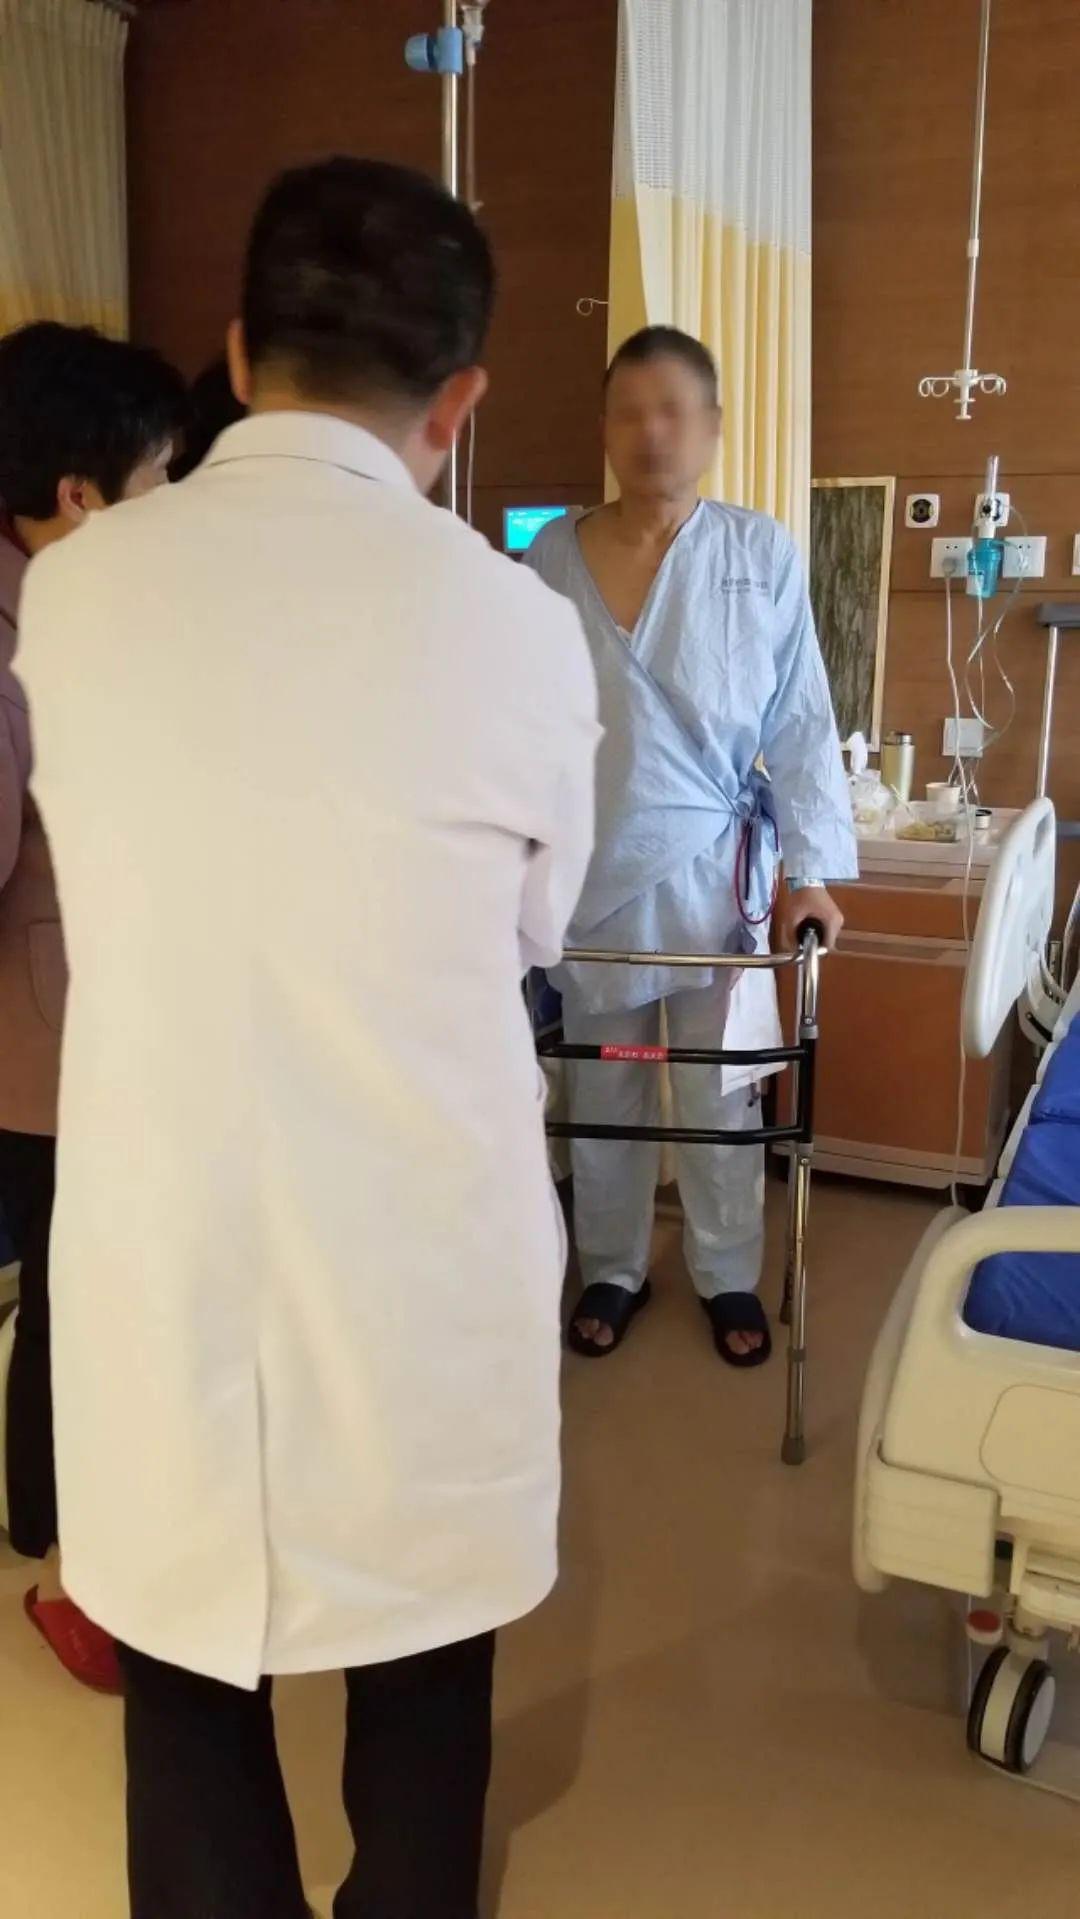 技术与服务共进 发展与公益并举——合肥京东方医院跨越式发展纪实